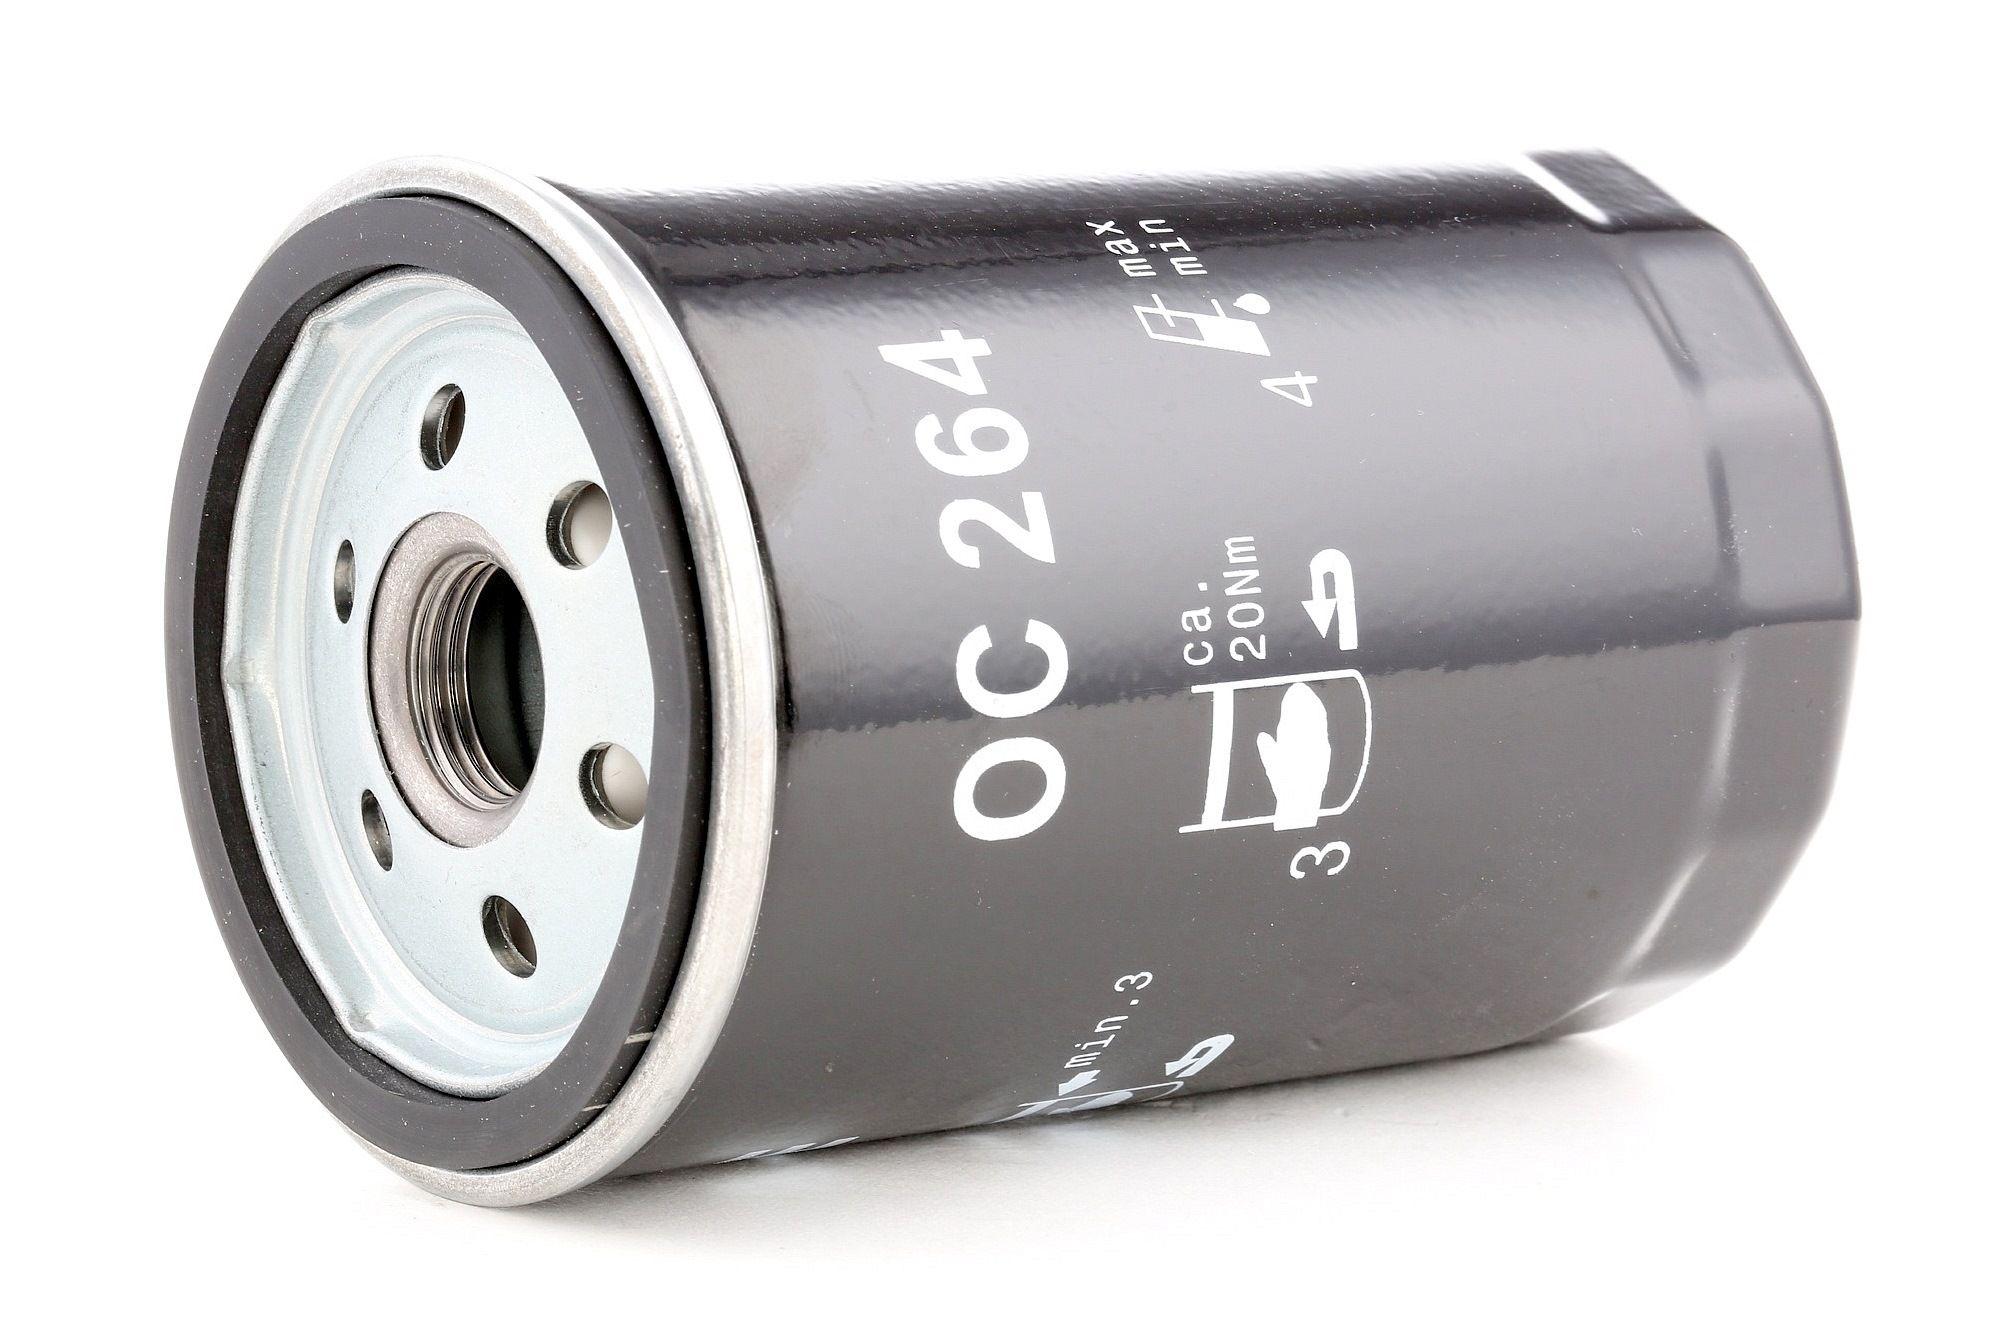 79932303 MAHLE ORIGINAL Skruvfilter Innerdiameter 2: 62mm, Ytterdiameter 2: 72mm, Ø: 76,0mm, H: 120mm Oljefilter OC 264 köp lågt pris